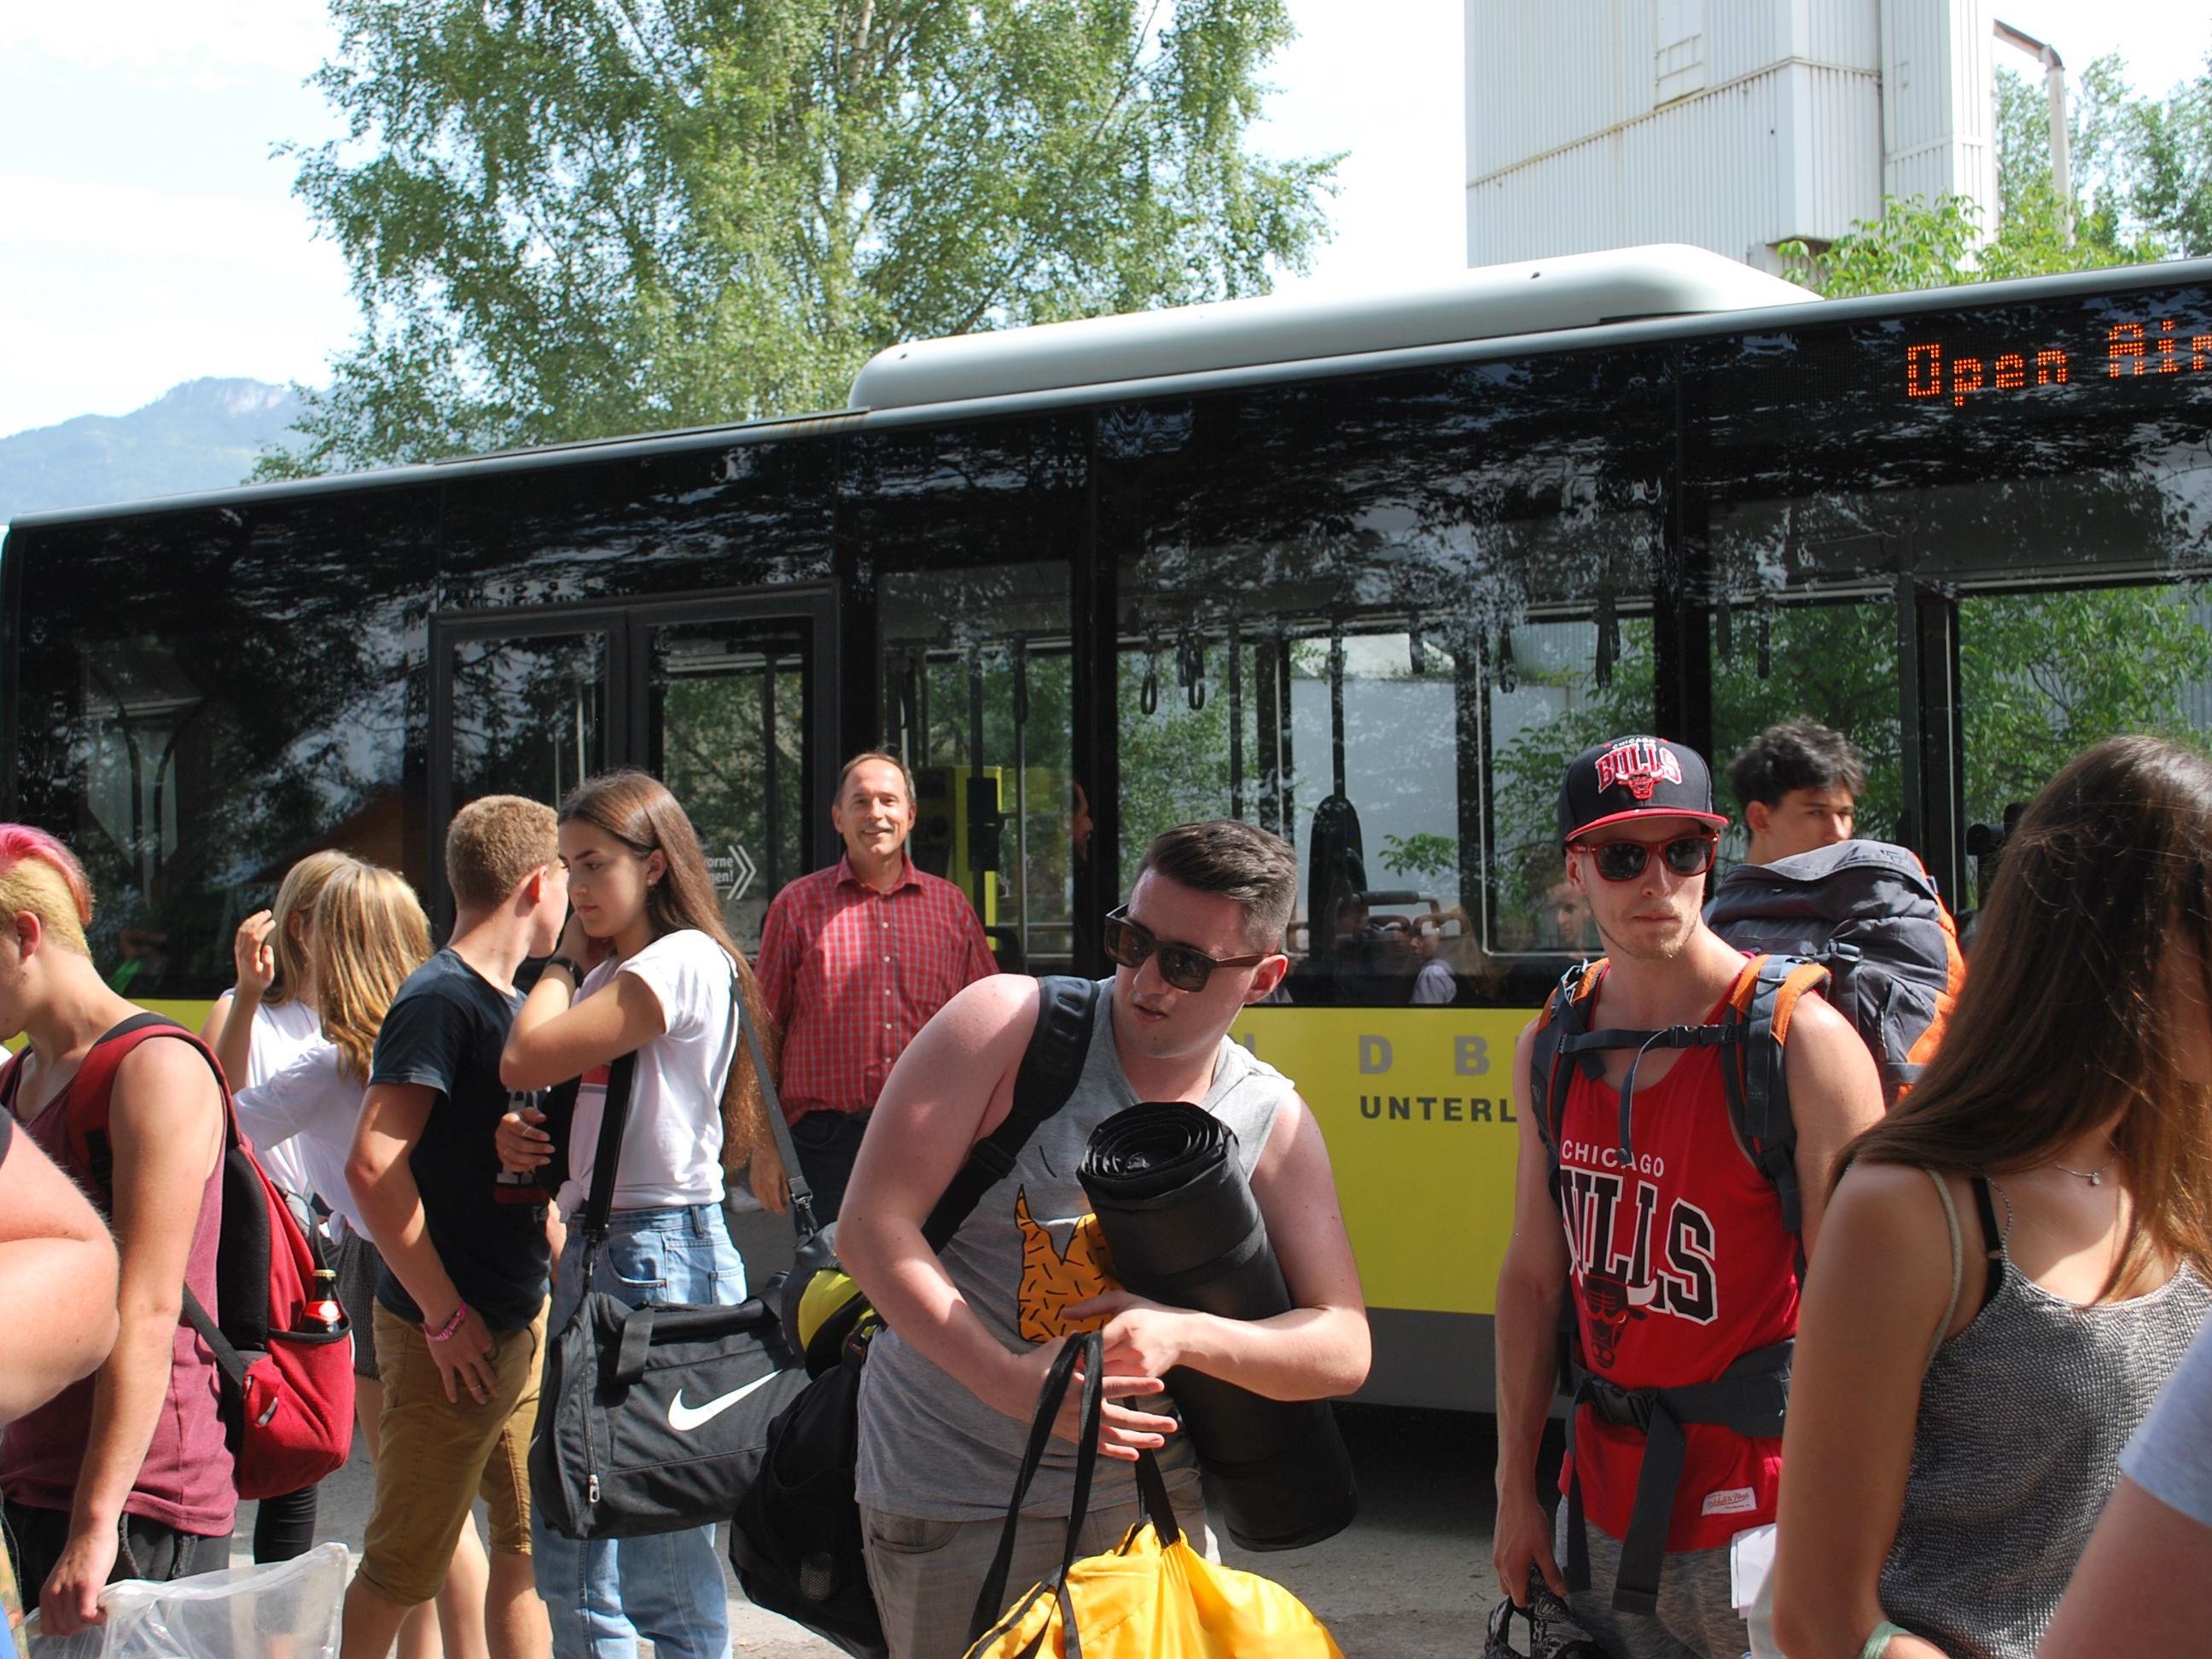 Mit dem Bus direkt zum Szene openair am Alten Rhein in Lustenau